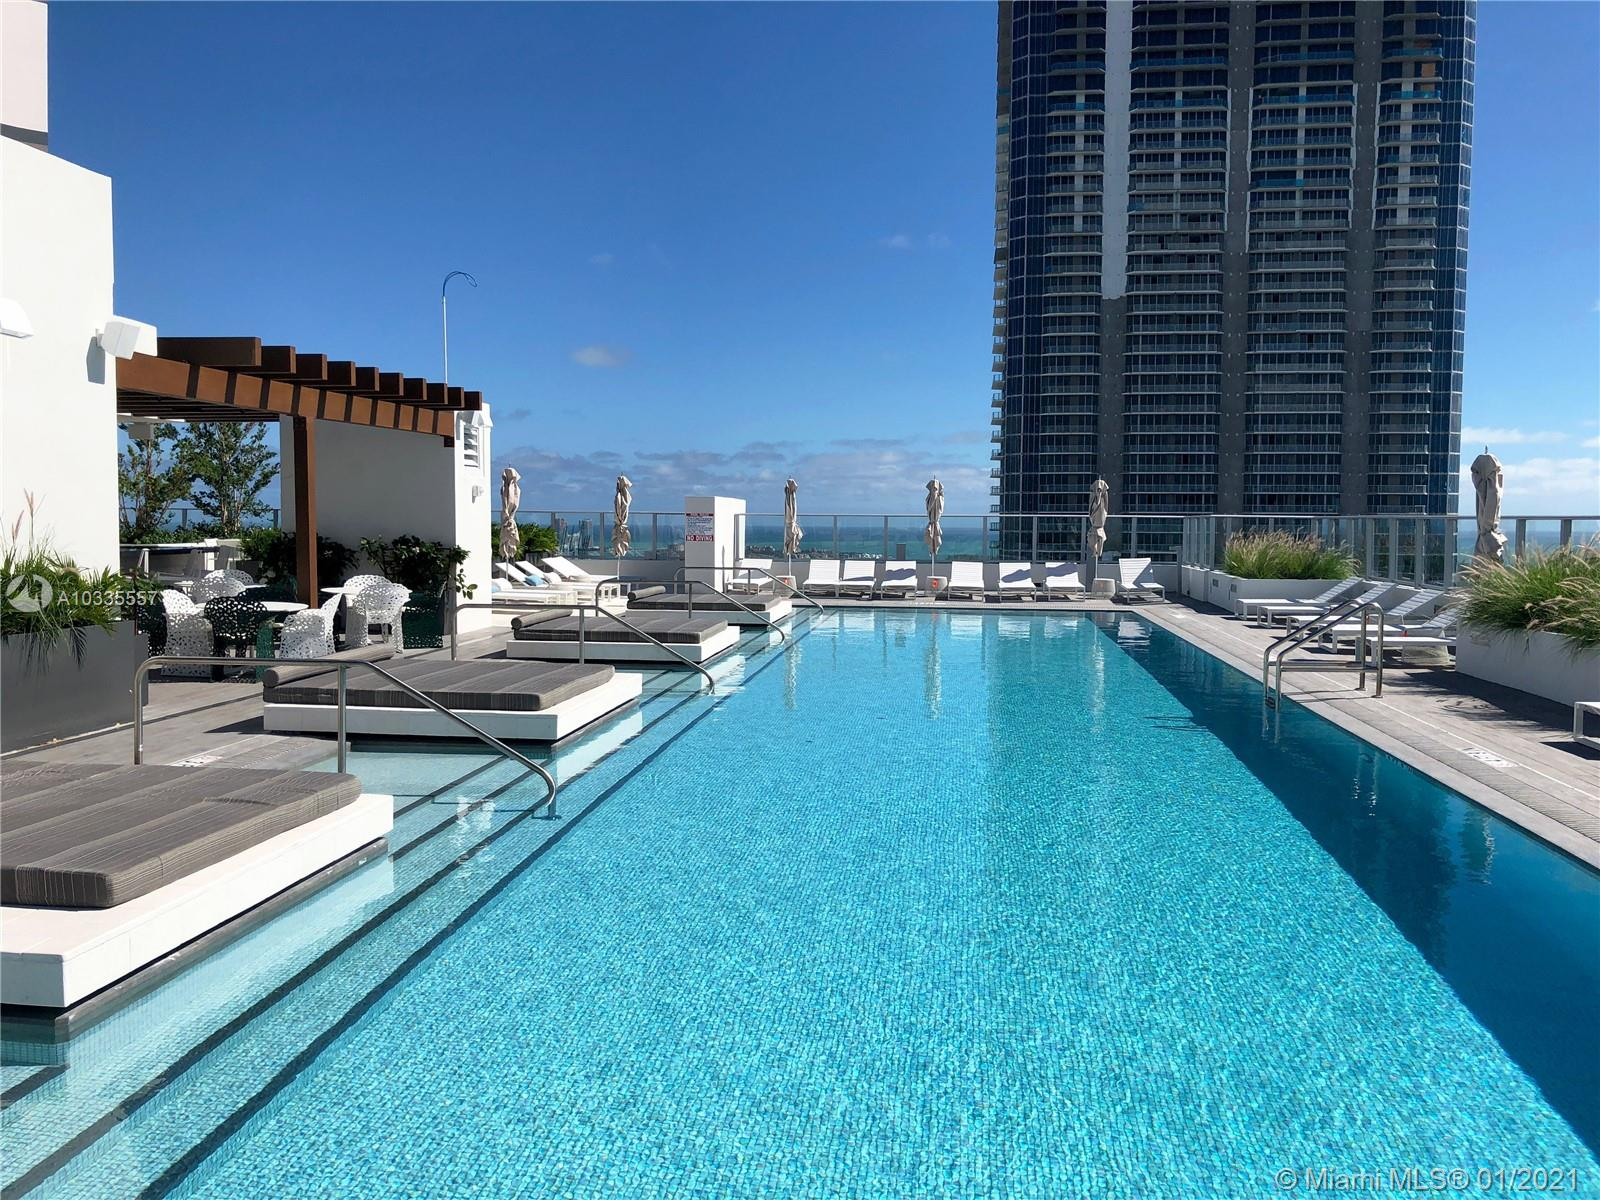 1010 Brickell Avenue, Miami, FL 33131, 1010 Brickell #4608, Brickell, Miami A10335557 image #12